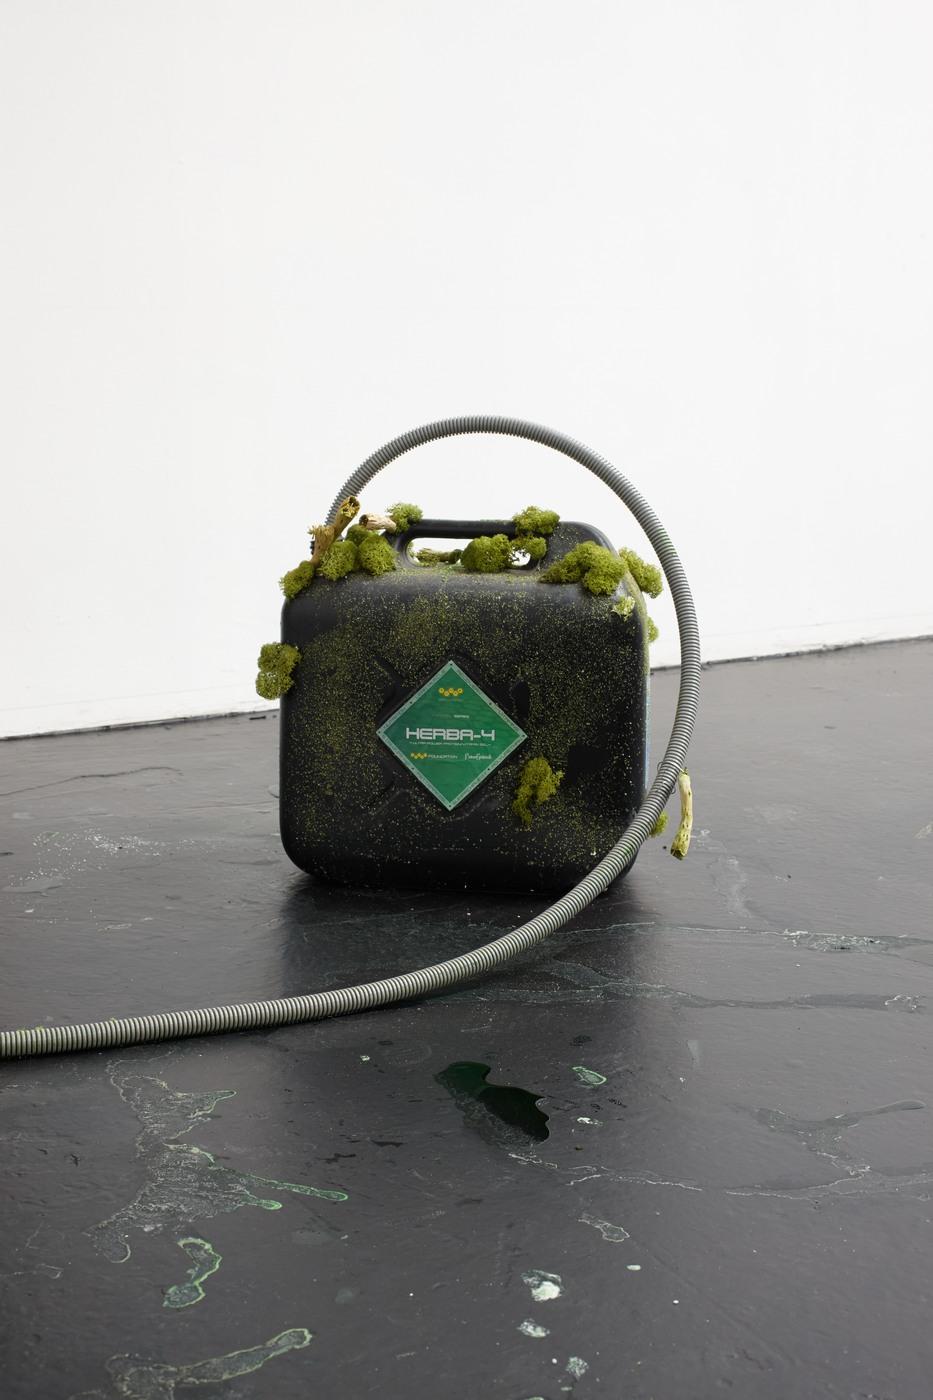 07. Veit Laurent Kurz - Untitled 1 of 2 (Herba-4 Bucket), 2015